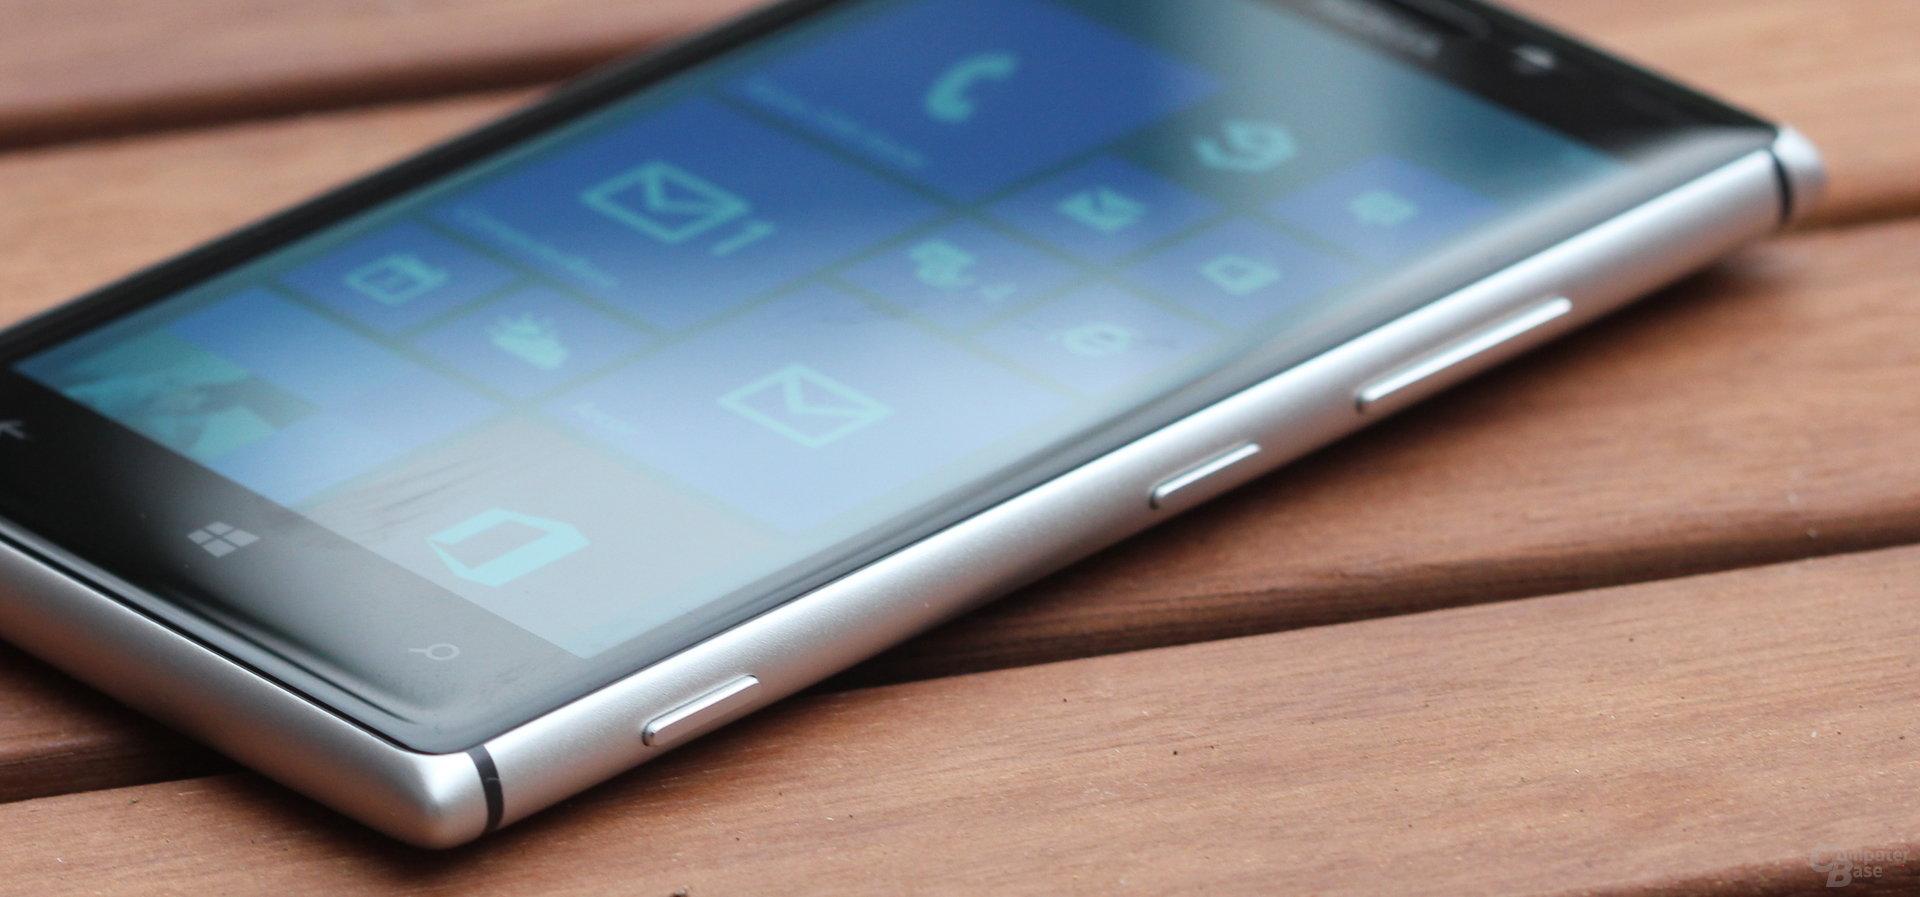 Nokia Lumia 925 - Schalter und Wippen